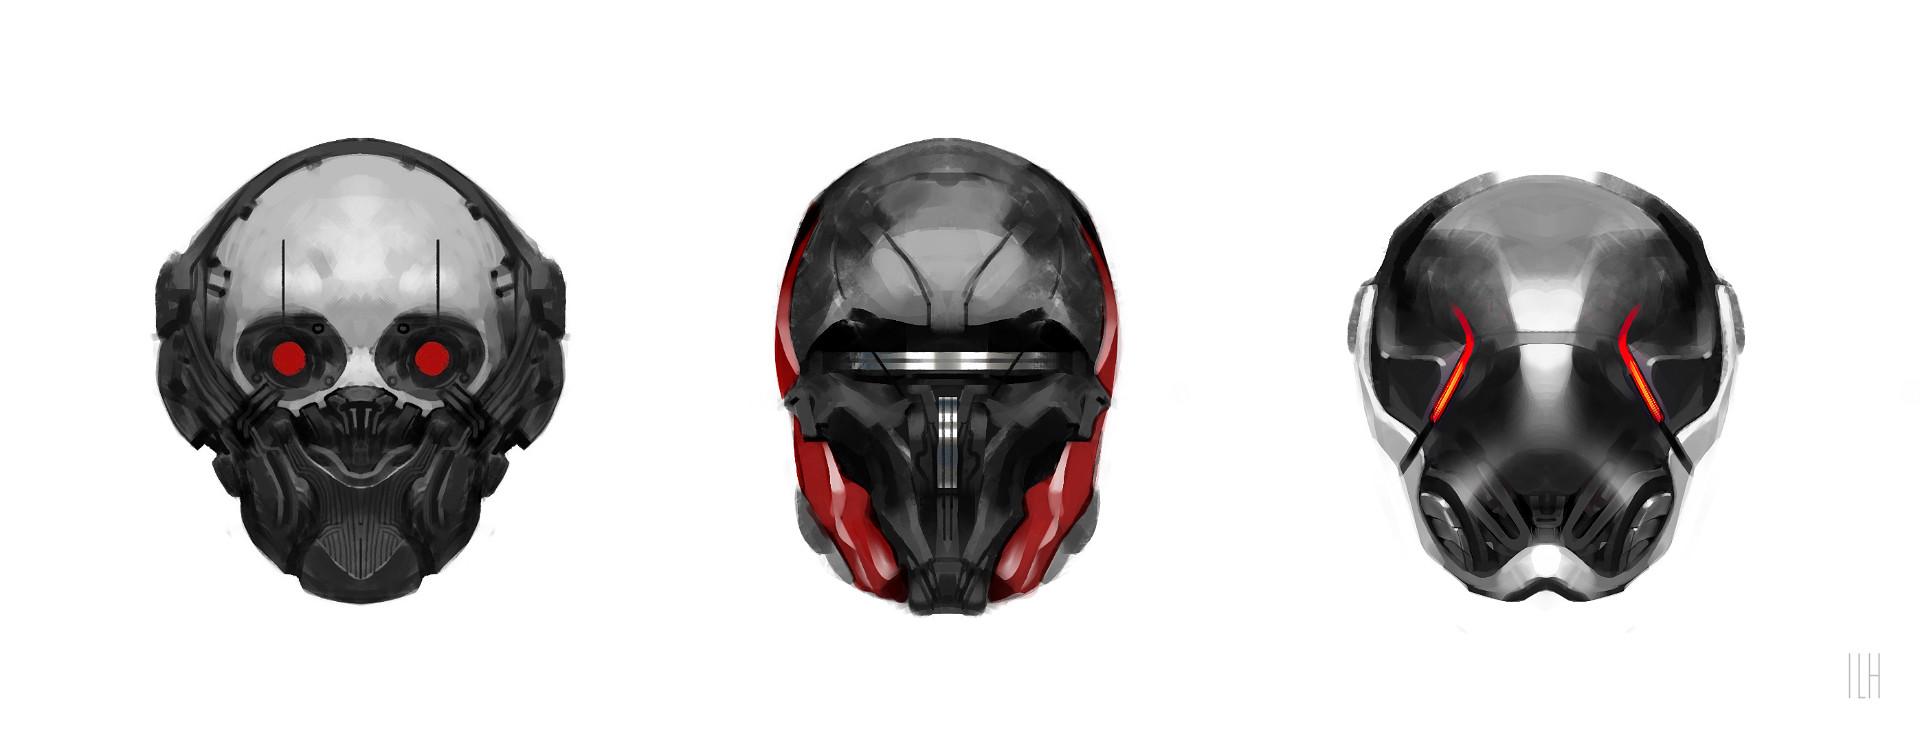 Ivo nies masks